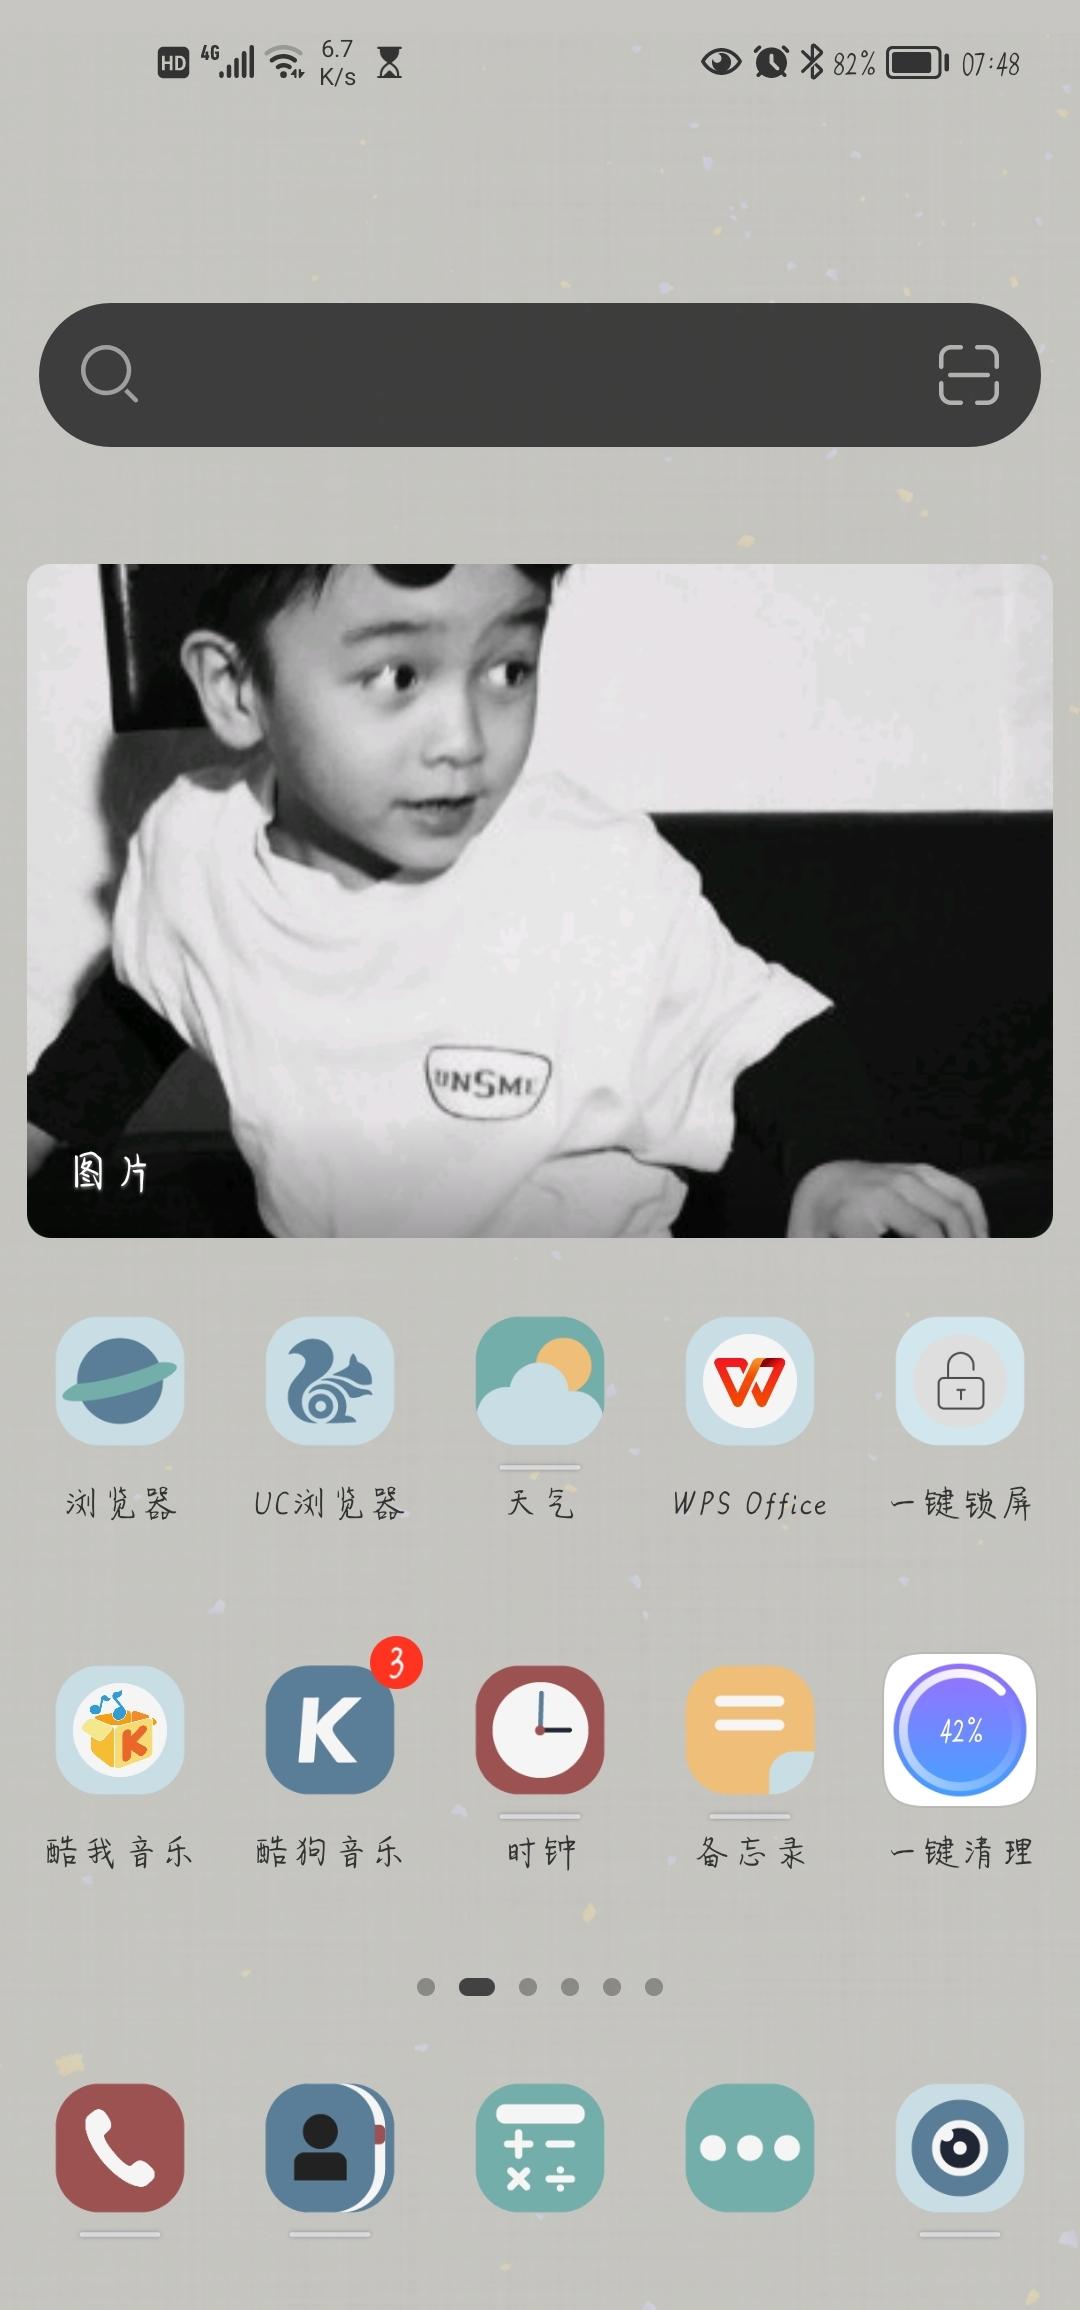 Screenshot_20210807_074823_com.huawei.android.launcher.jpg